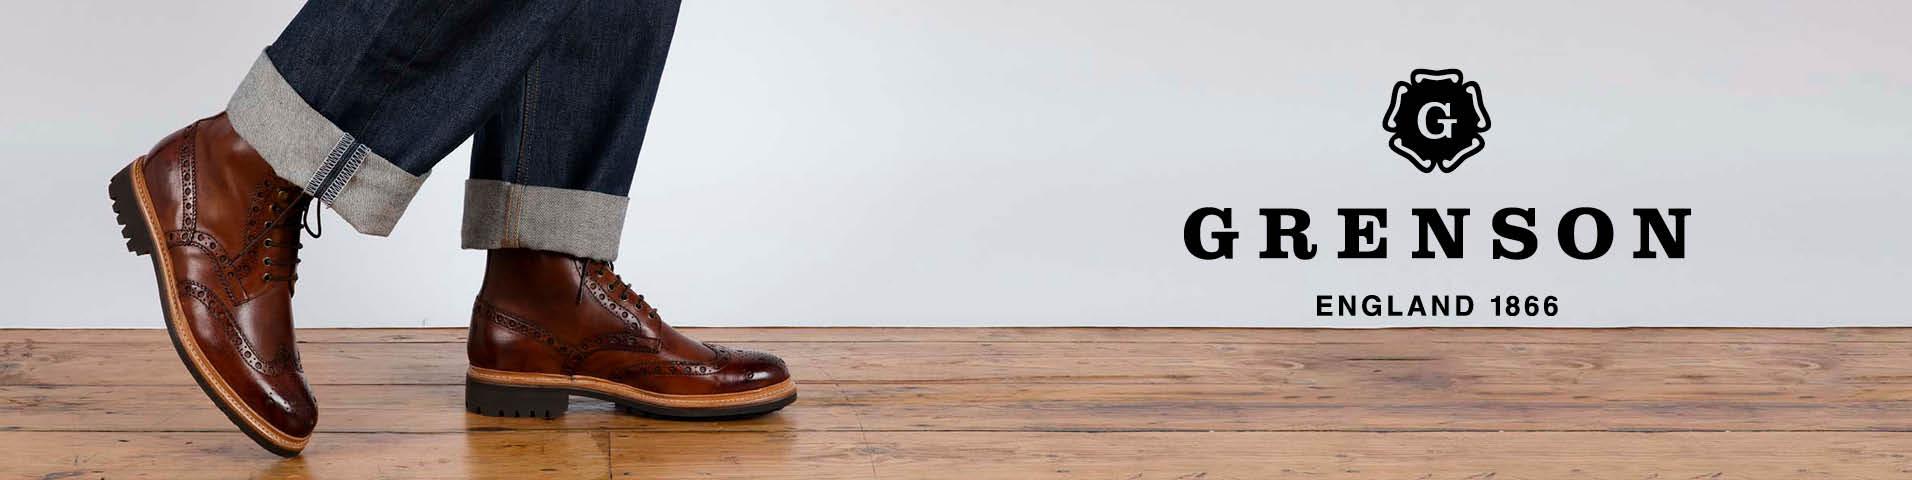 Scarpe eleganti da uomo Grenson | La collezione su Zalando